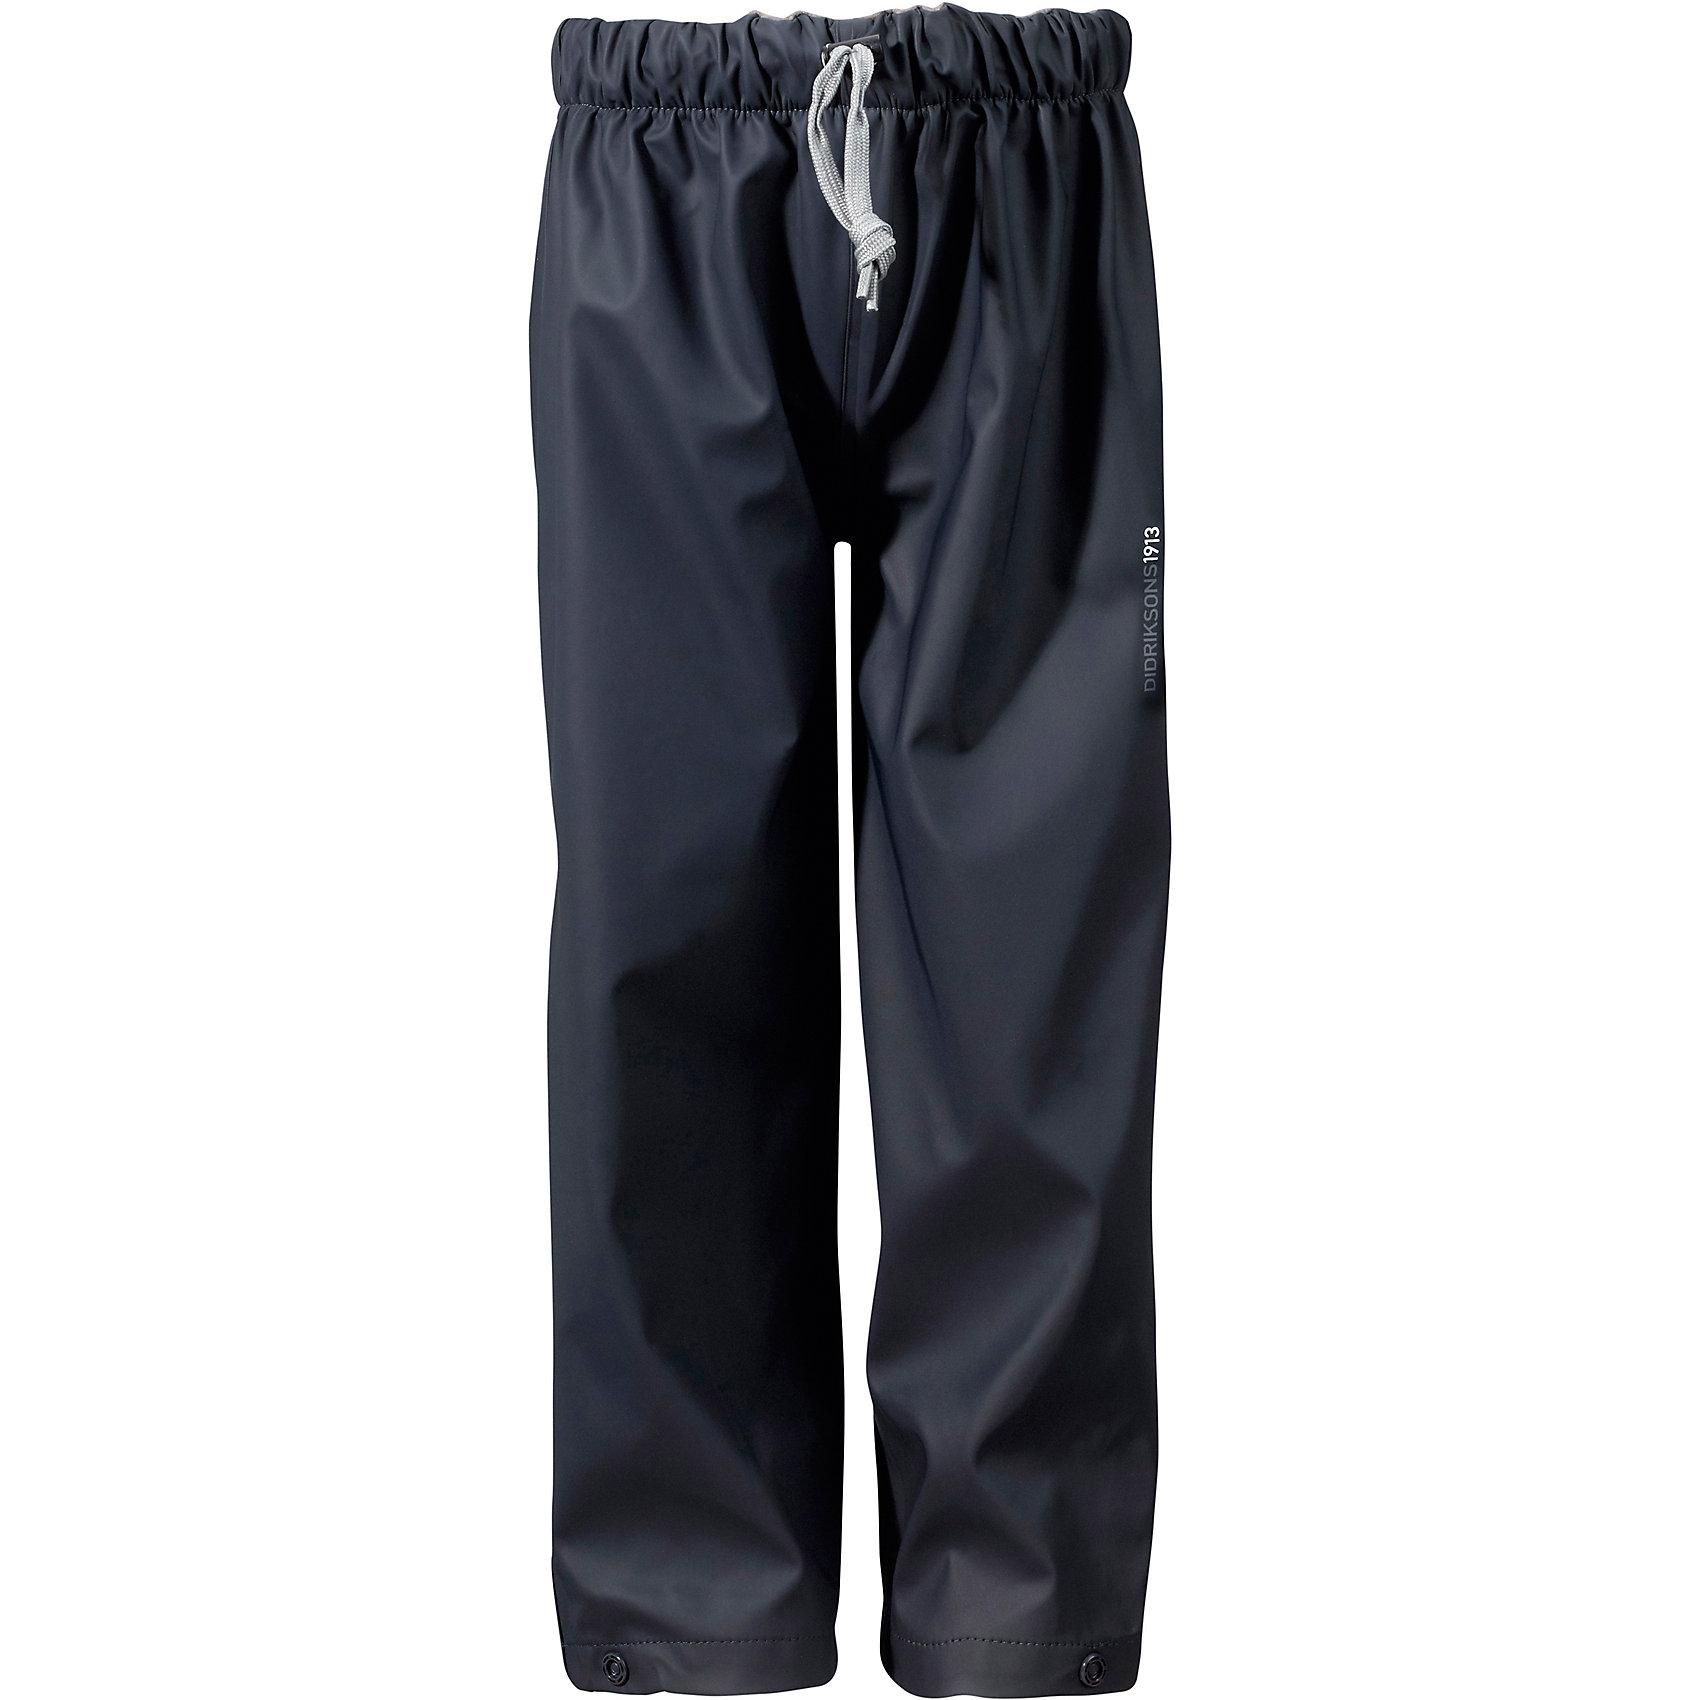 Брюки MIDJEMAN  DIDRIKSONSБрюки из водонепроницаемого полиуретана Galon с бондированным трикотажем внутри без утеплителя. Все швы пропаяны, что обеспечивает максимальную защиту от внешней влаги. Светоотражатели. Брюки можно использовать в качестве самостоятельного предмета одежды, а также в качестве защитной одежды.<br>Состав:<br>Верх - 100% полиуретан, подкладка - 100% полиэстер<br><br>Ширина мм: 215<br>Глубина мм: 88<br>Высота мм: 191<br>Вес г: 336<br>Цвет: голубой<br>Возраст от месяцев: 18<br>Возраст до месяцев: 24<br>Пол: Унисекс<br>Возраст: Детский<br>Размер: 90,80,100<br>SKU: 5527320